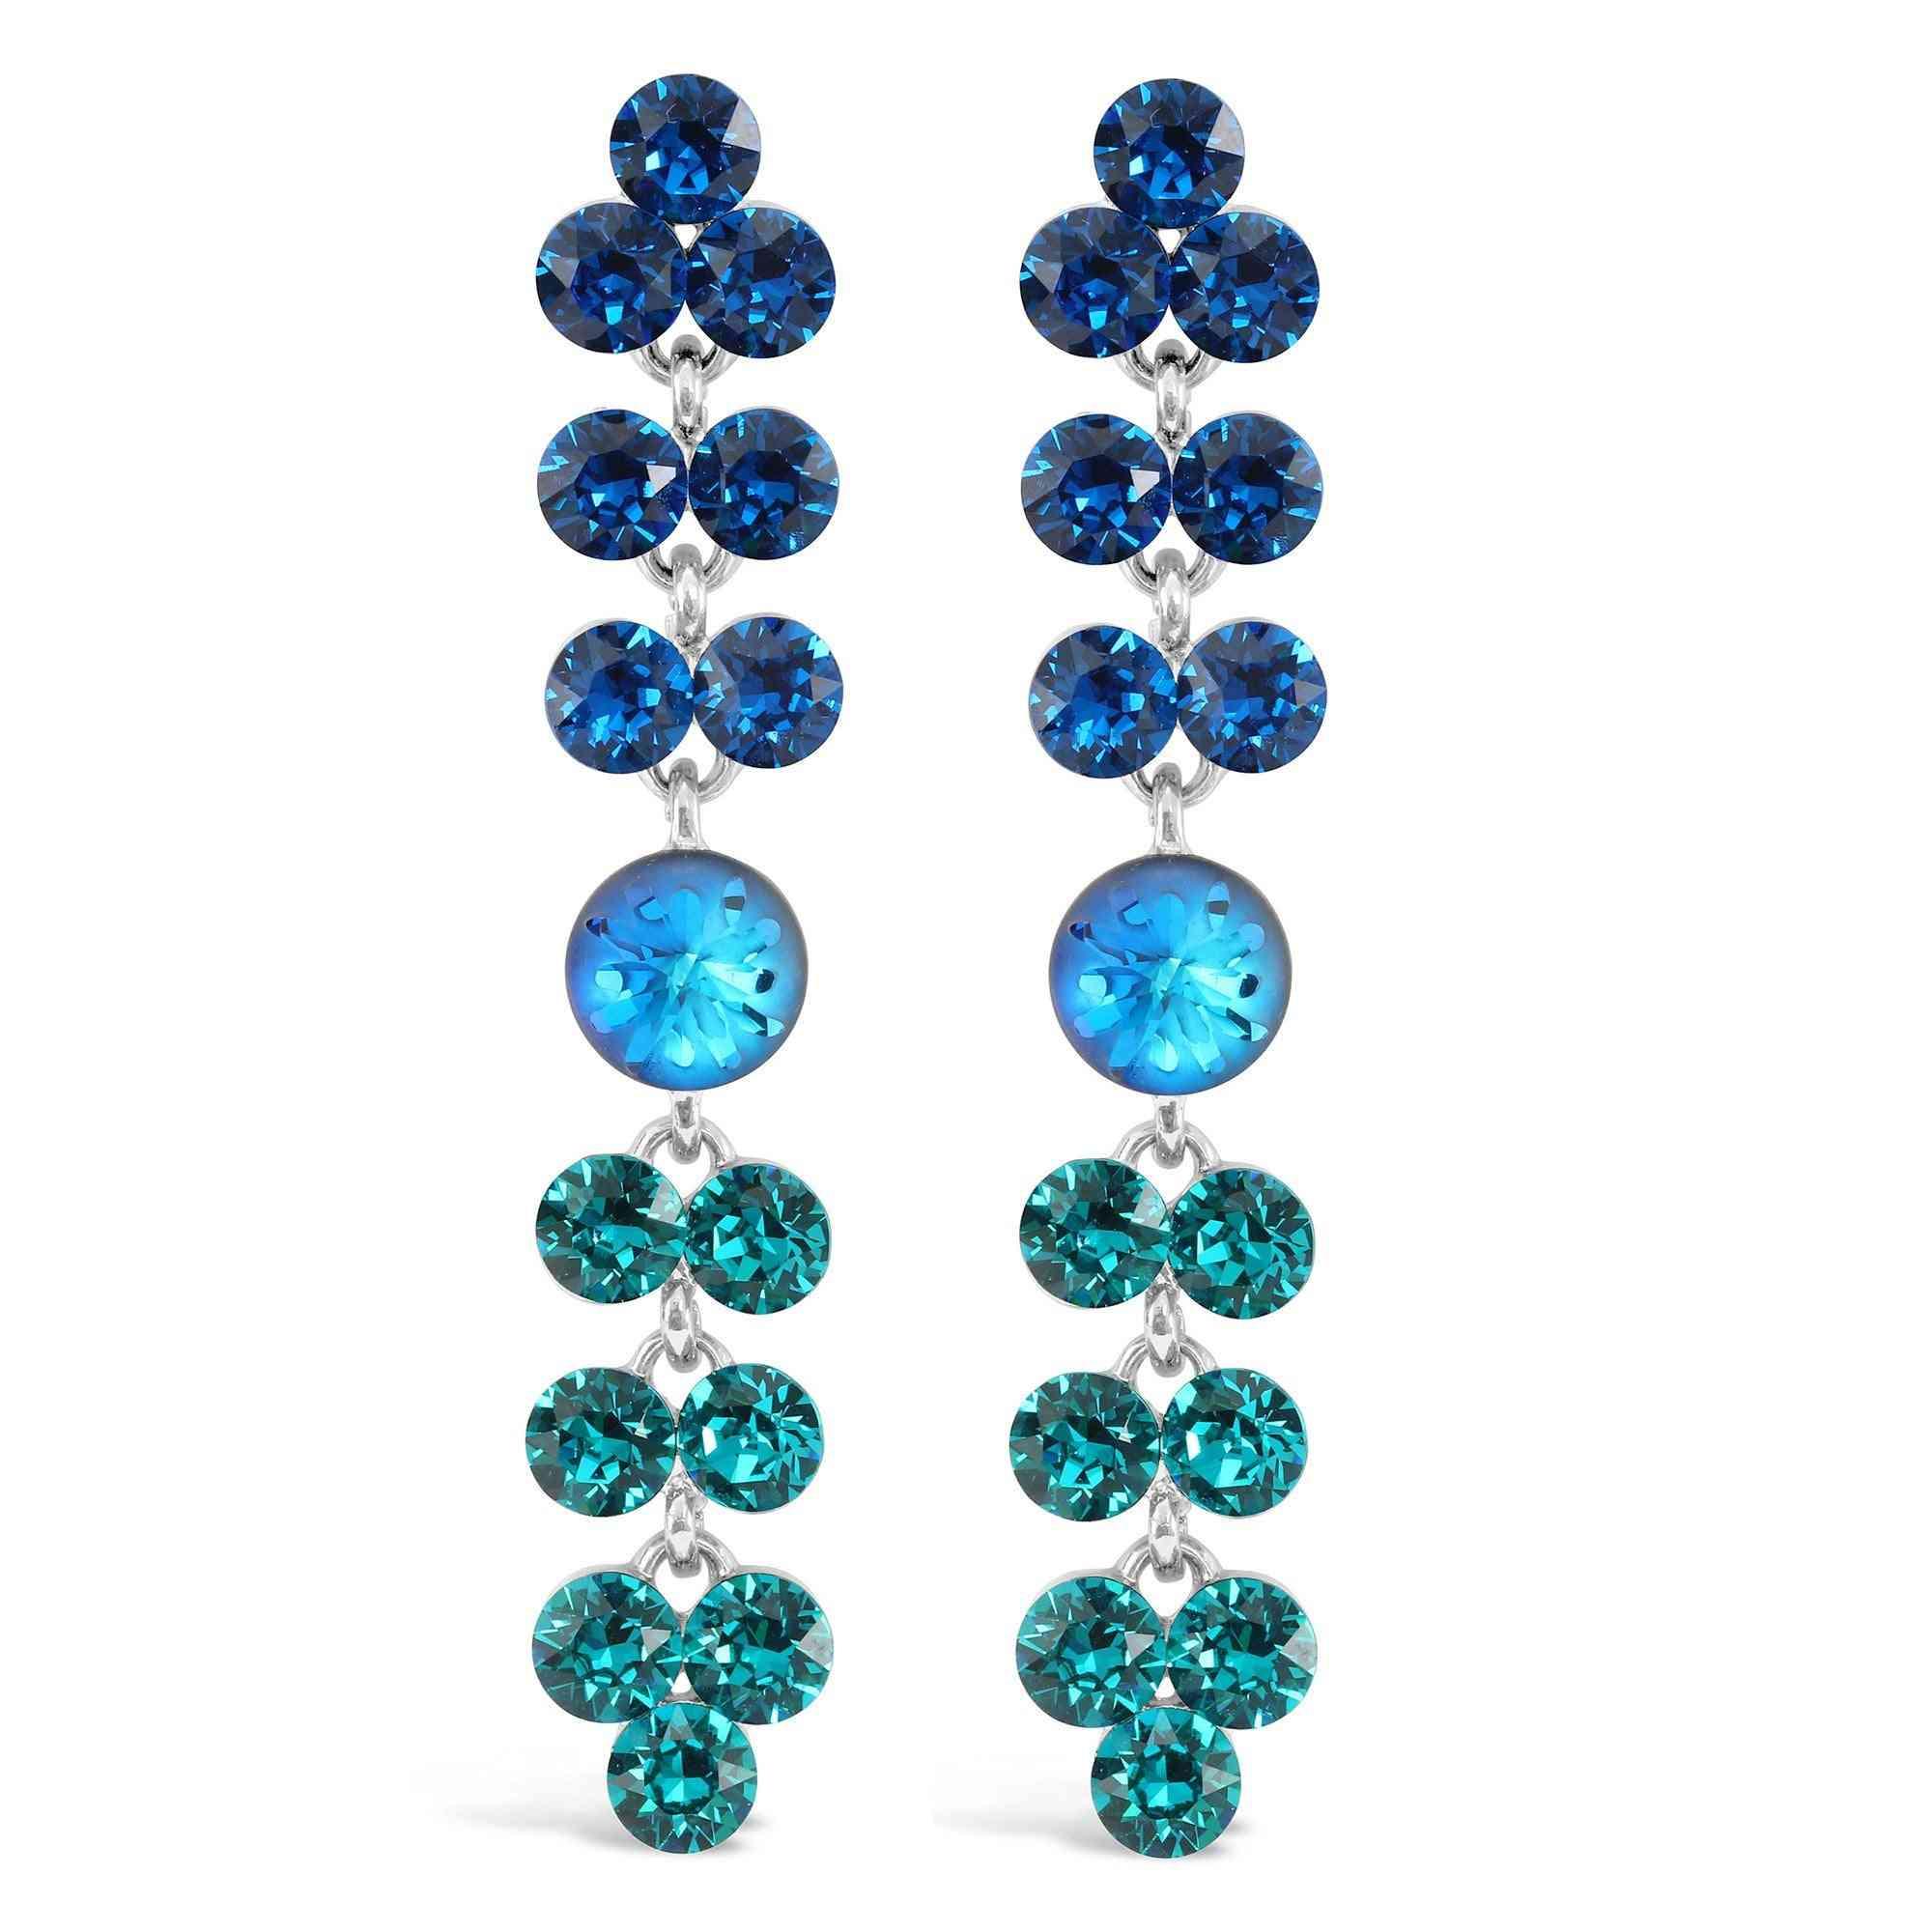 Ocean Inspired-bermuda Drop Earrings